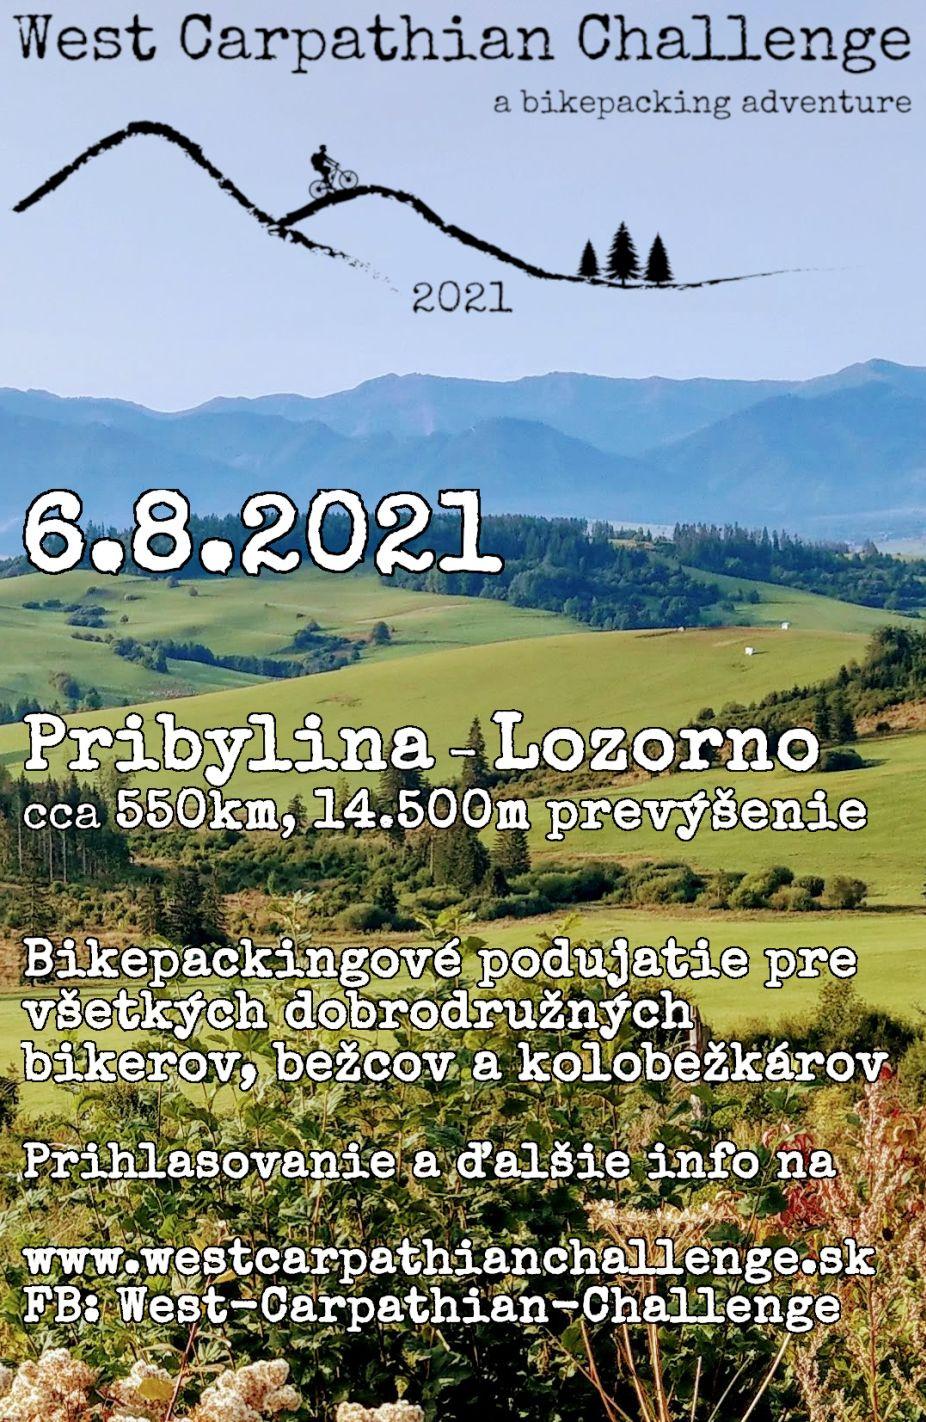 West Carpathian Challenge 2021